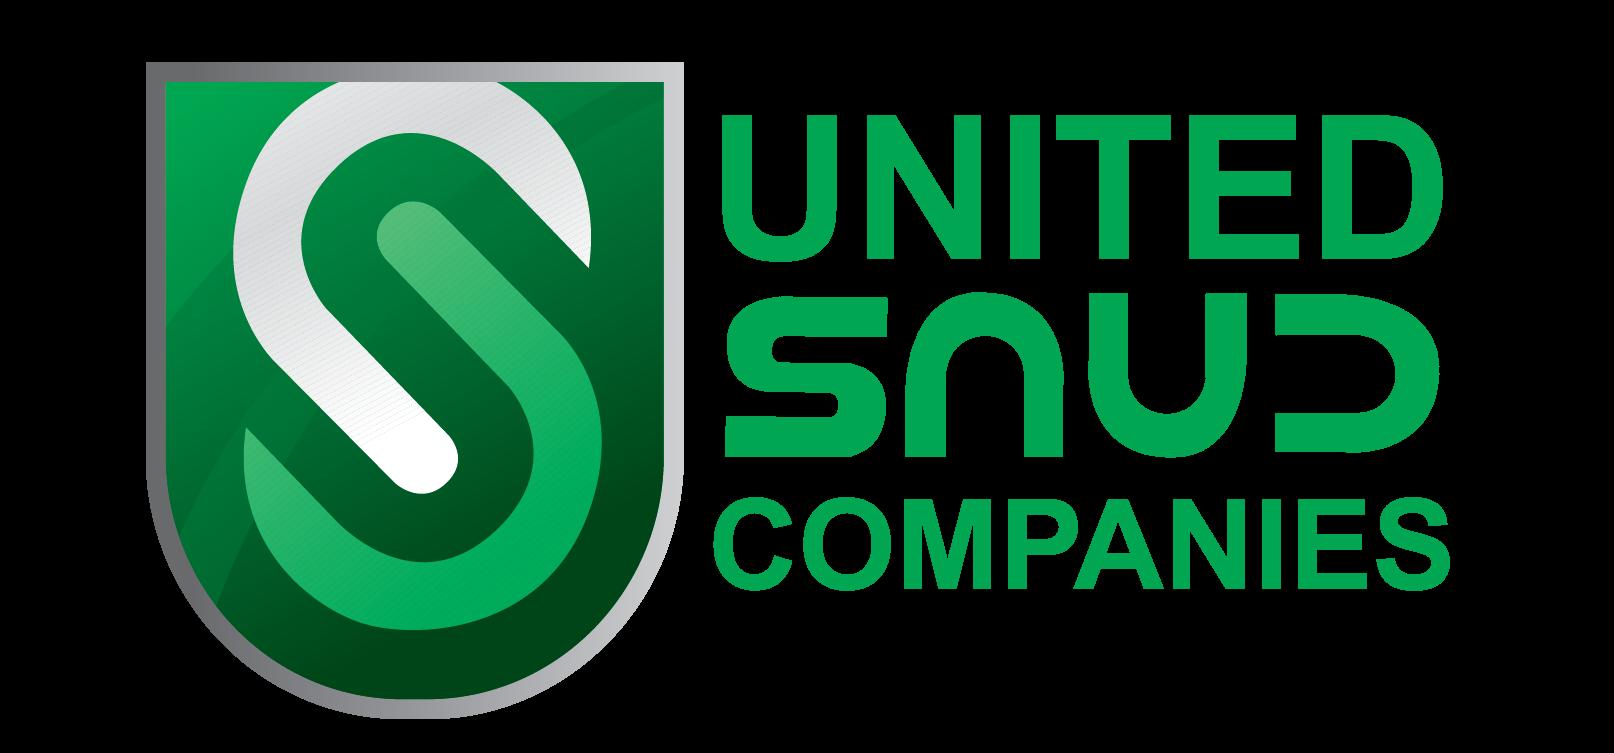 United Saud Limited